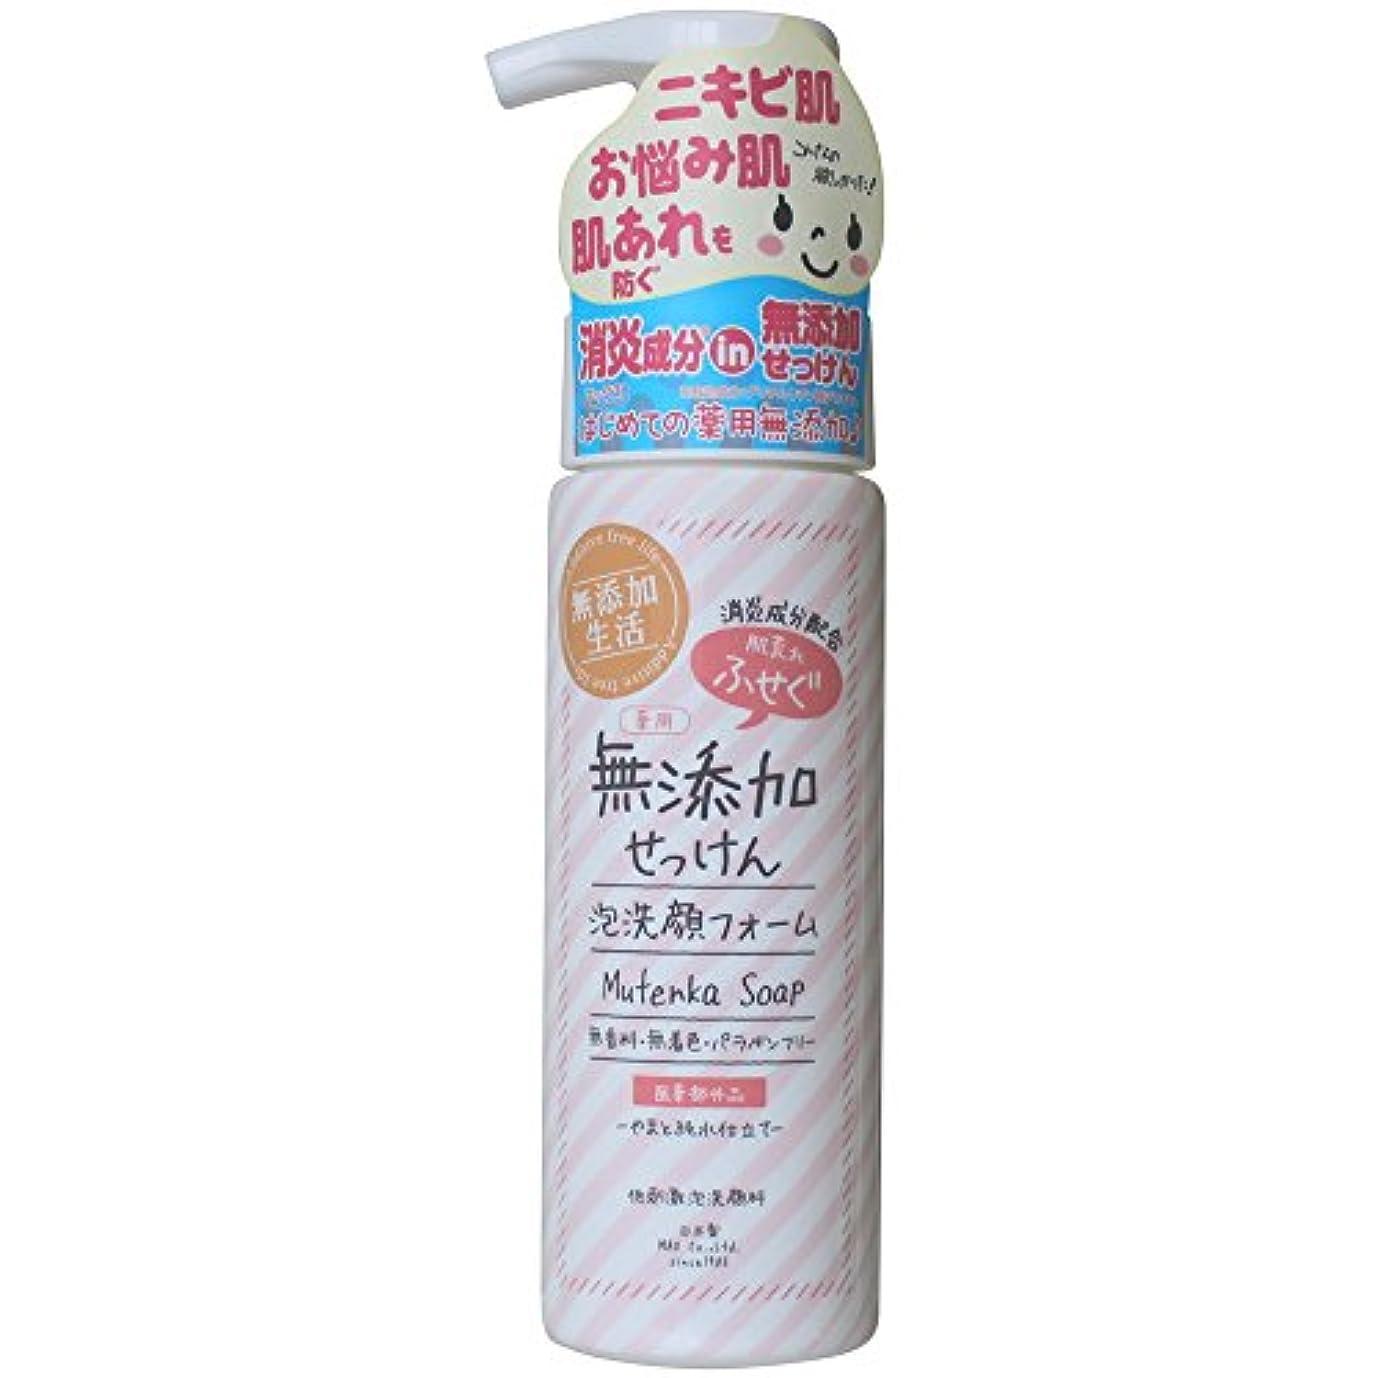 巧みなバドミントン行動肌荒れ防ぐ薬用無添加 洗顔フォーム 200mL